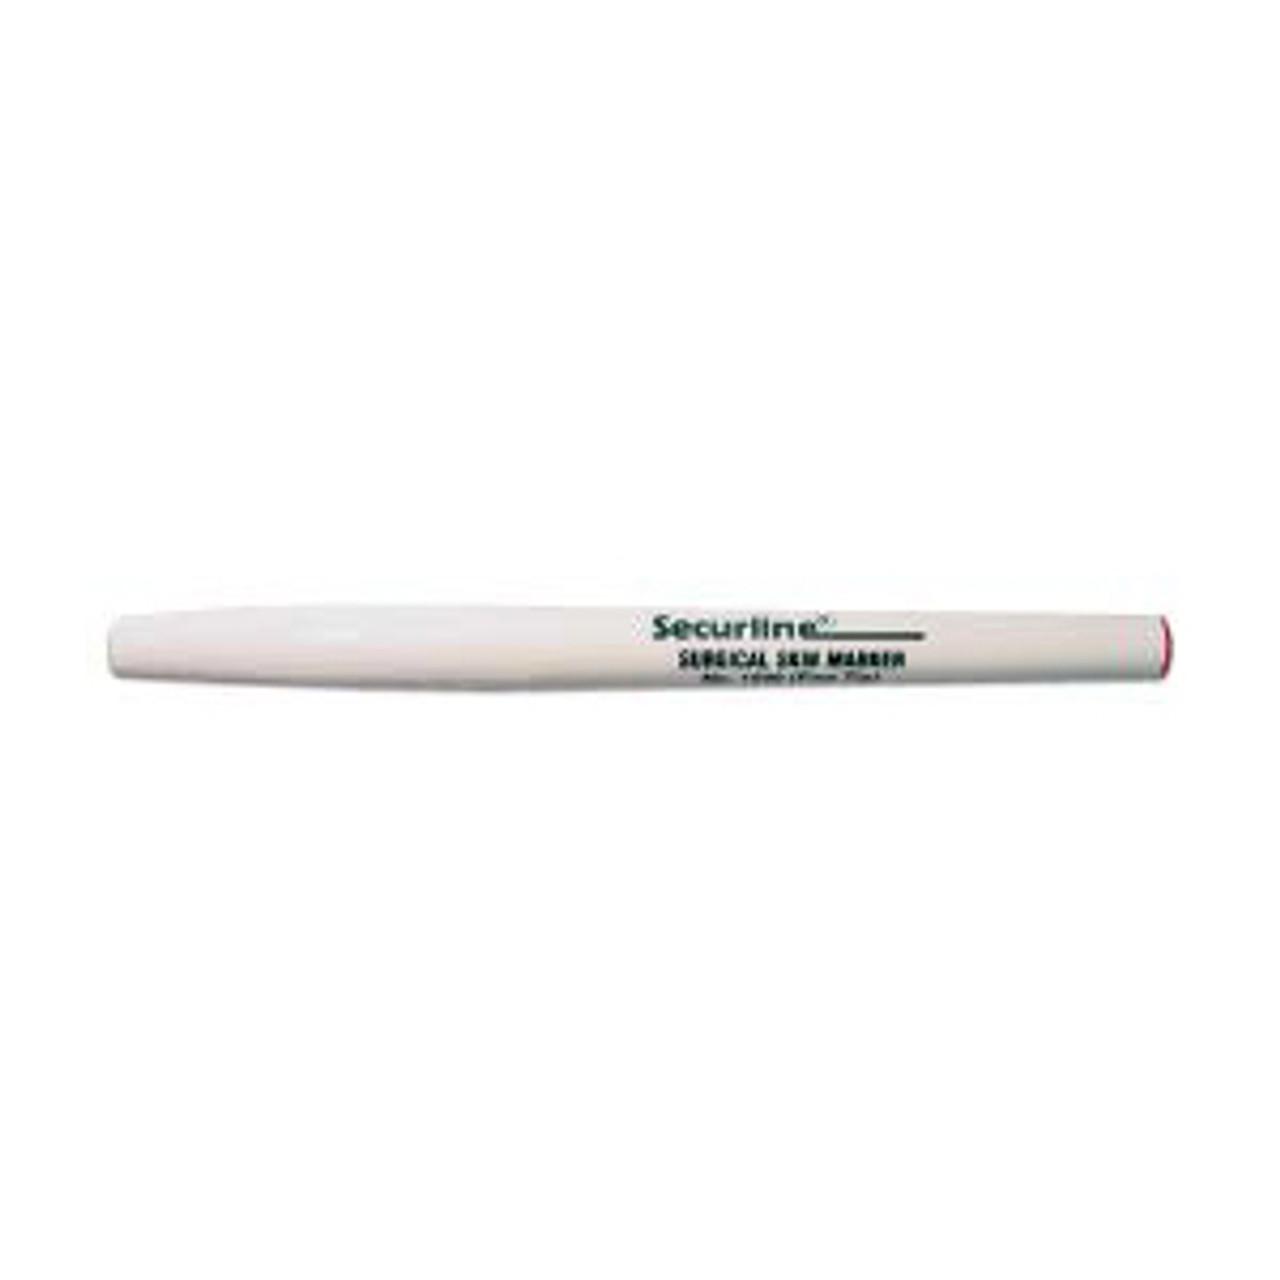 103035 Natus - Nicolet Surgical Skin Marker, wet, violet, 10/pkg